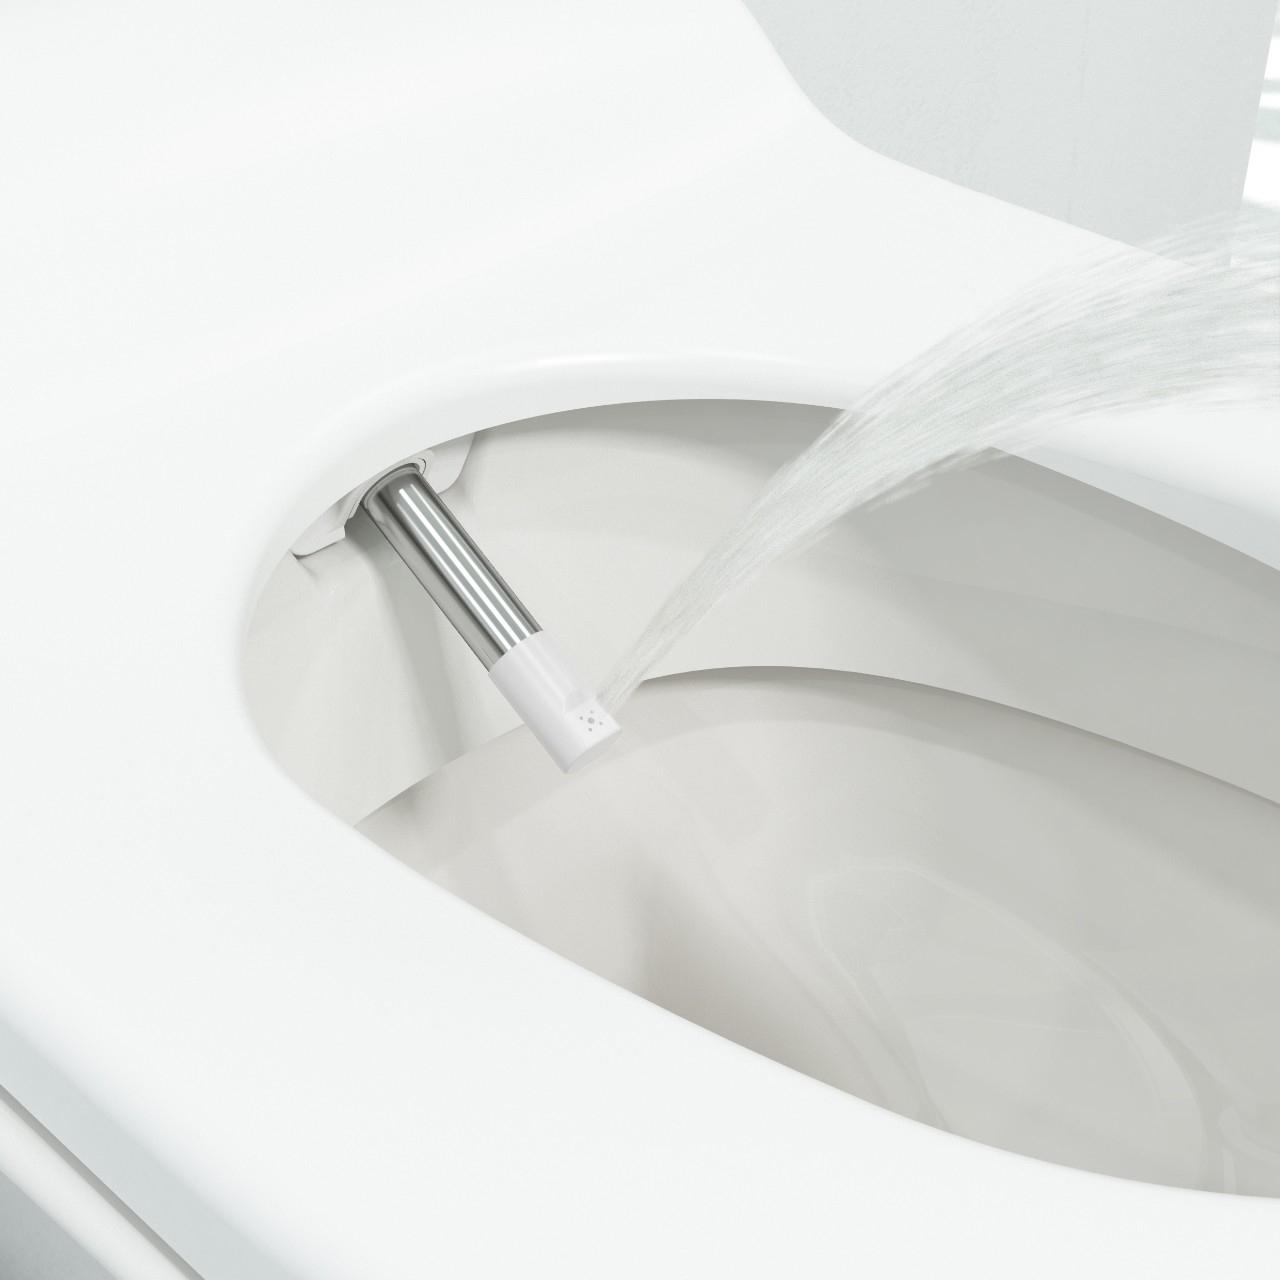 Douche-Wc Voor Ultieme Hygiëne En Comfort tout Douche Frisse